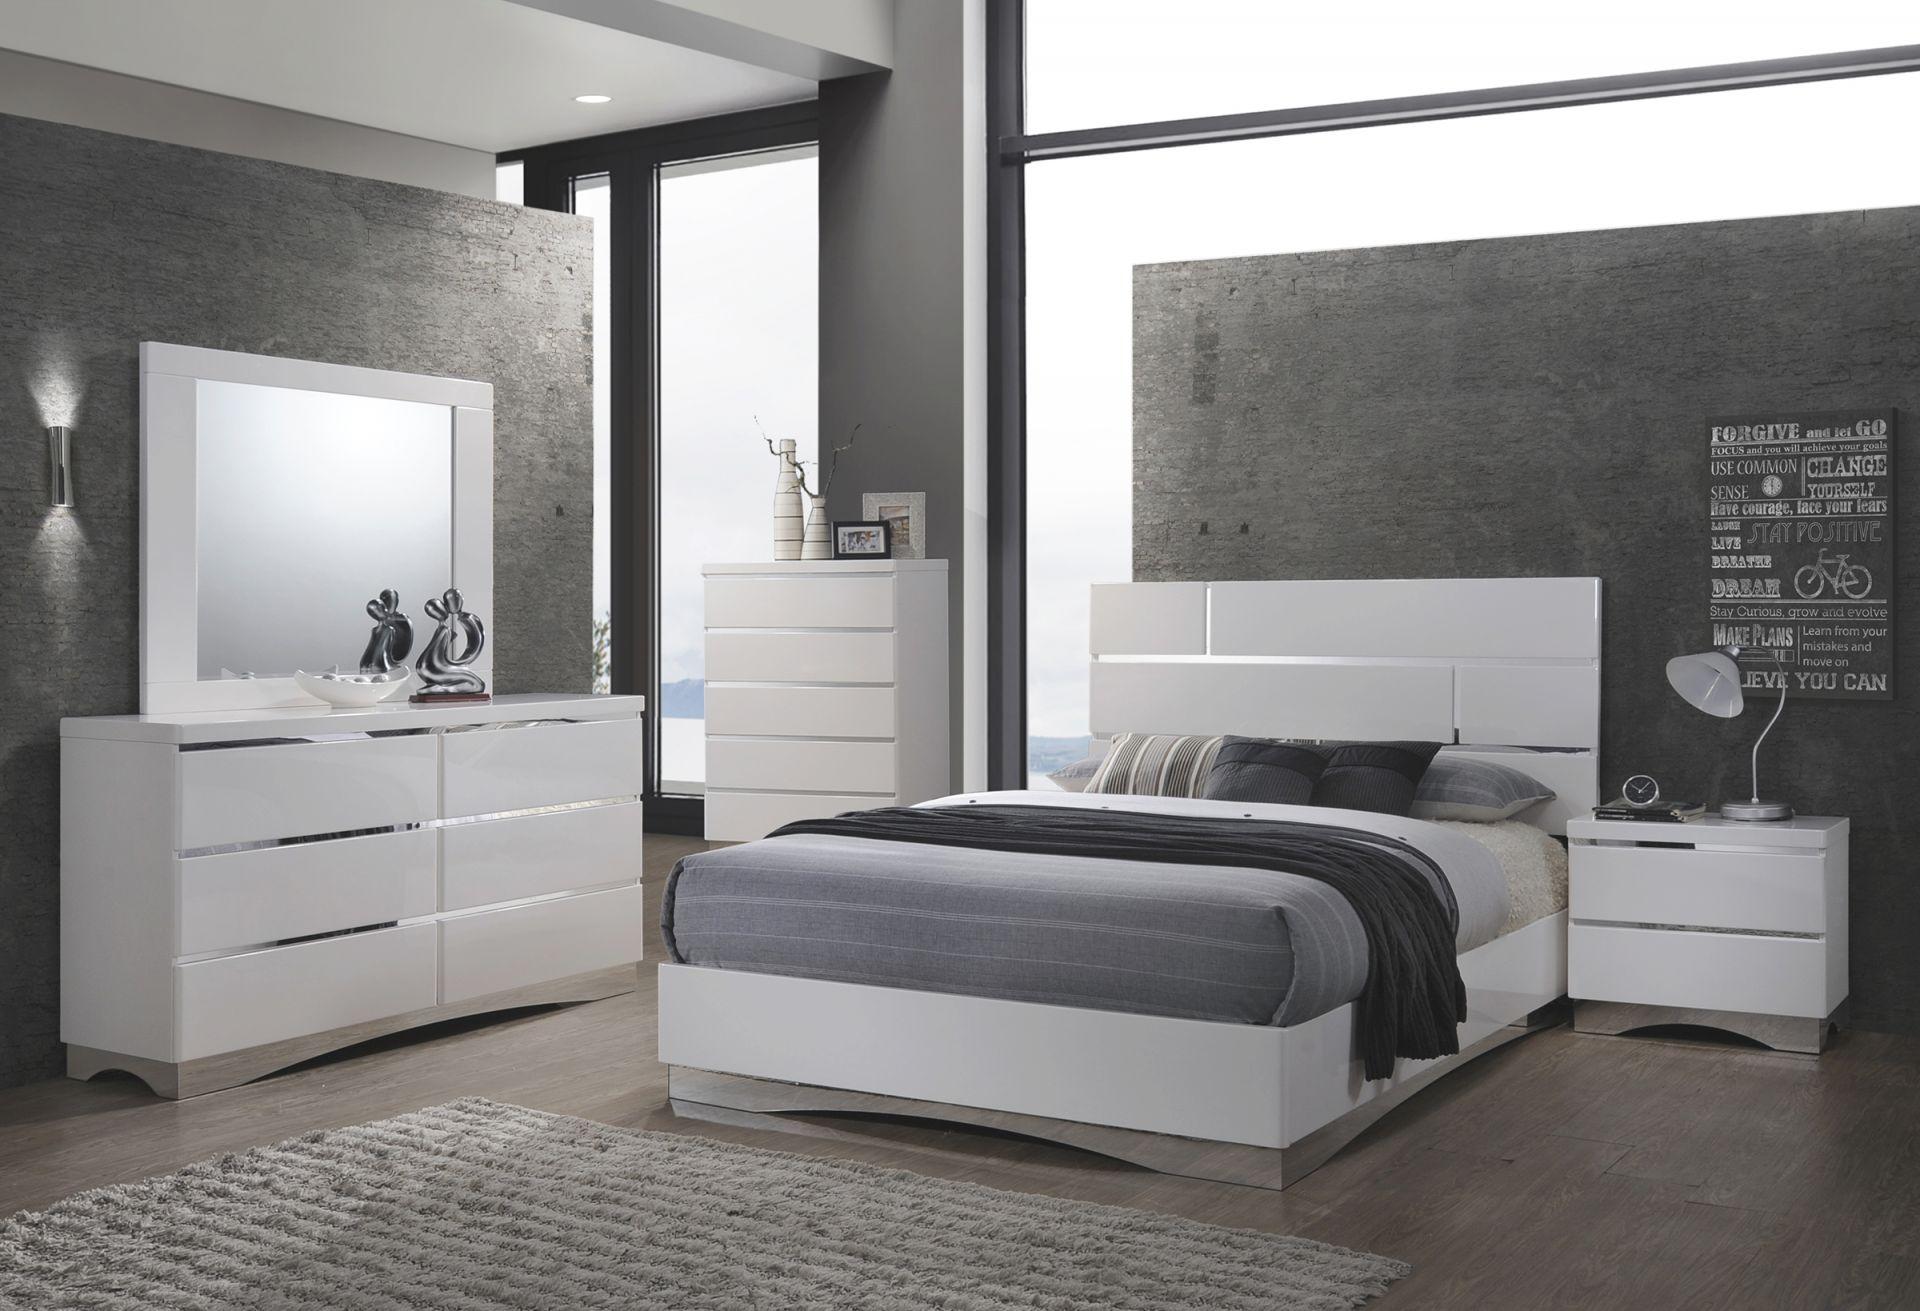 Stanton White Platform Bedroom Set – Queen | Nader's Furniture within Bedroom Set Queen